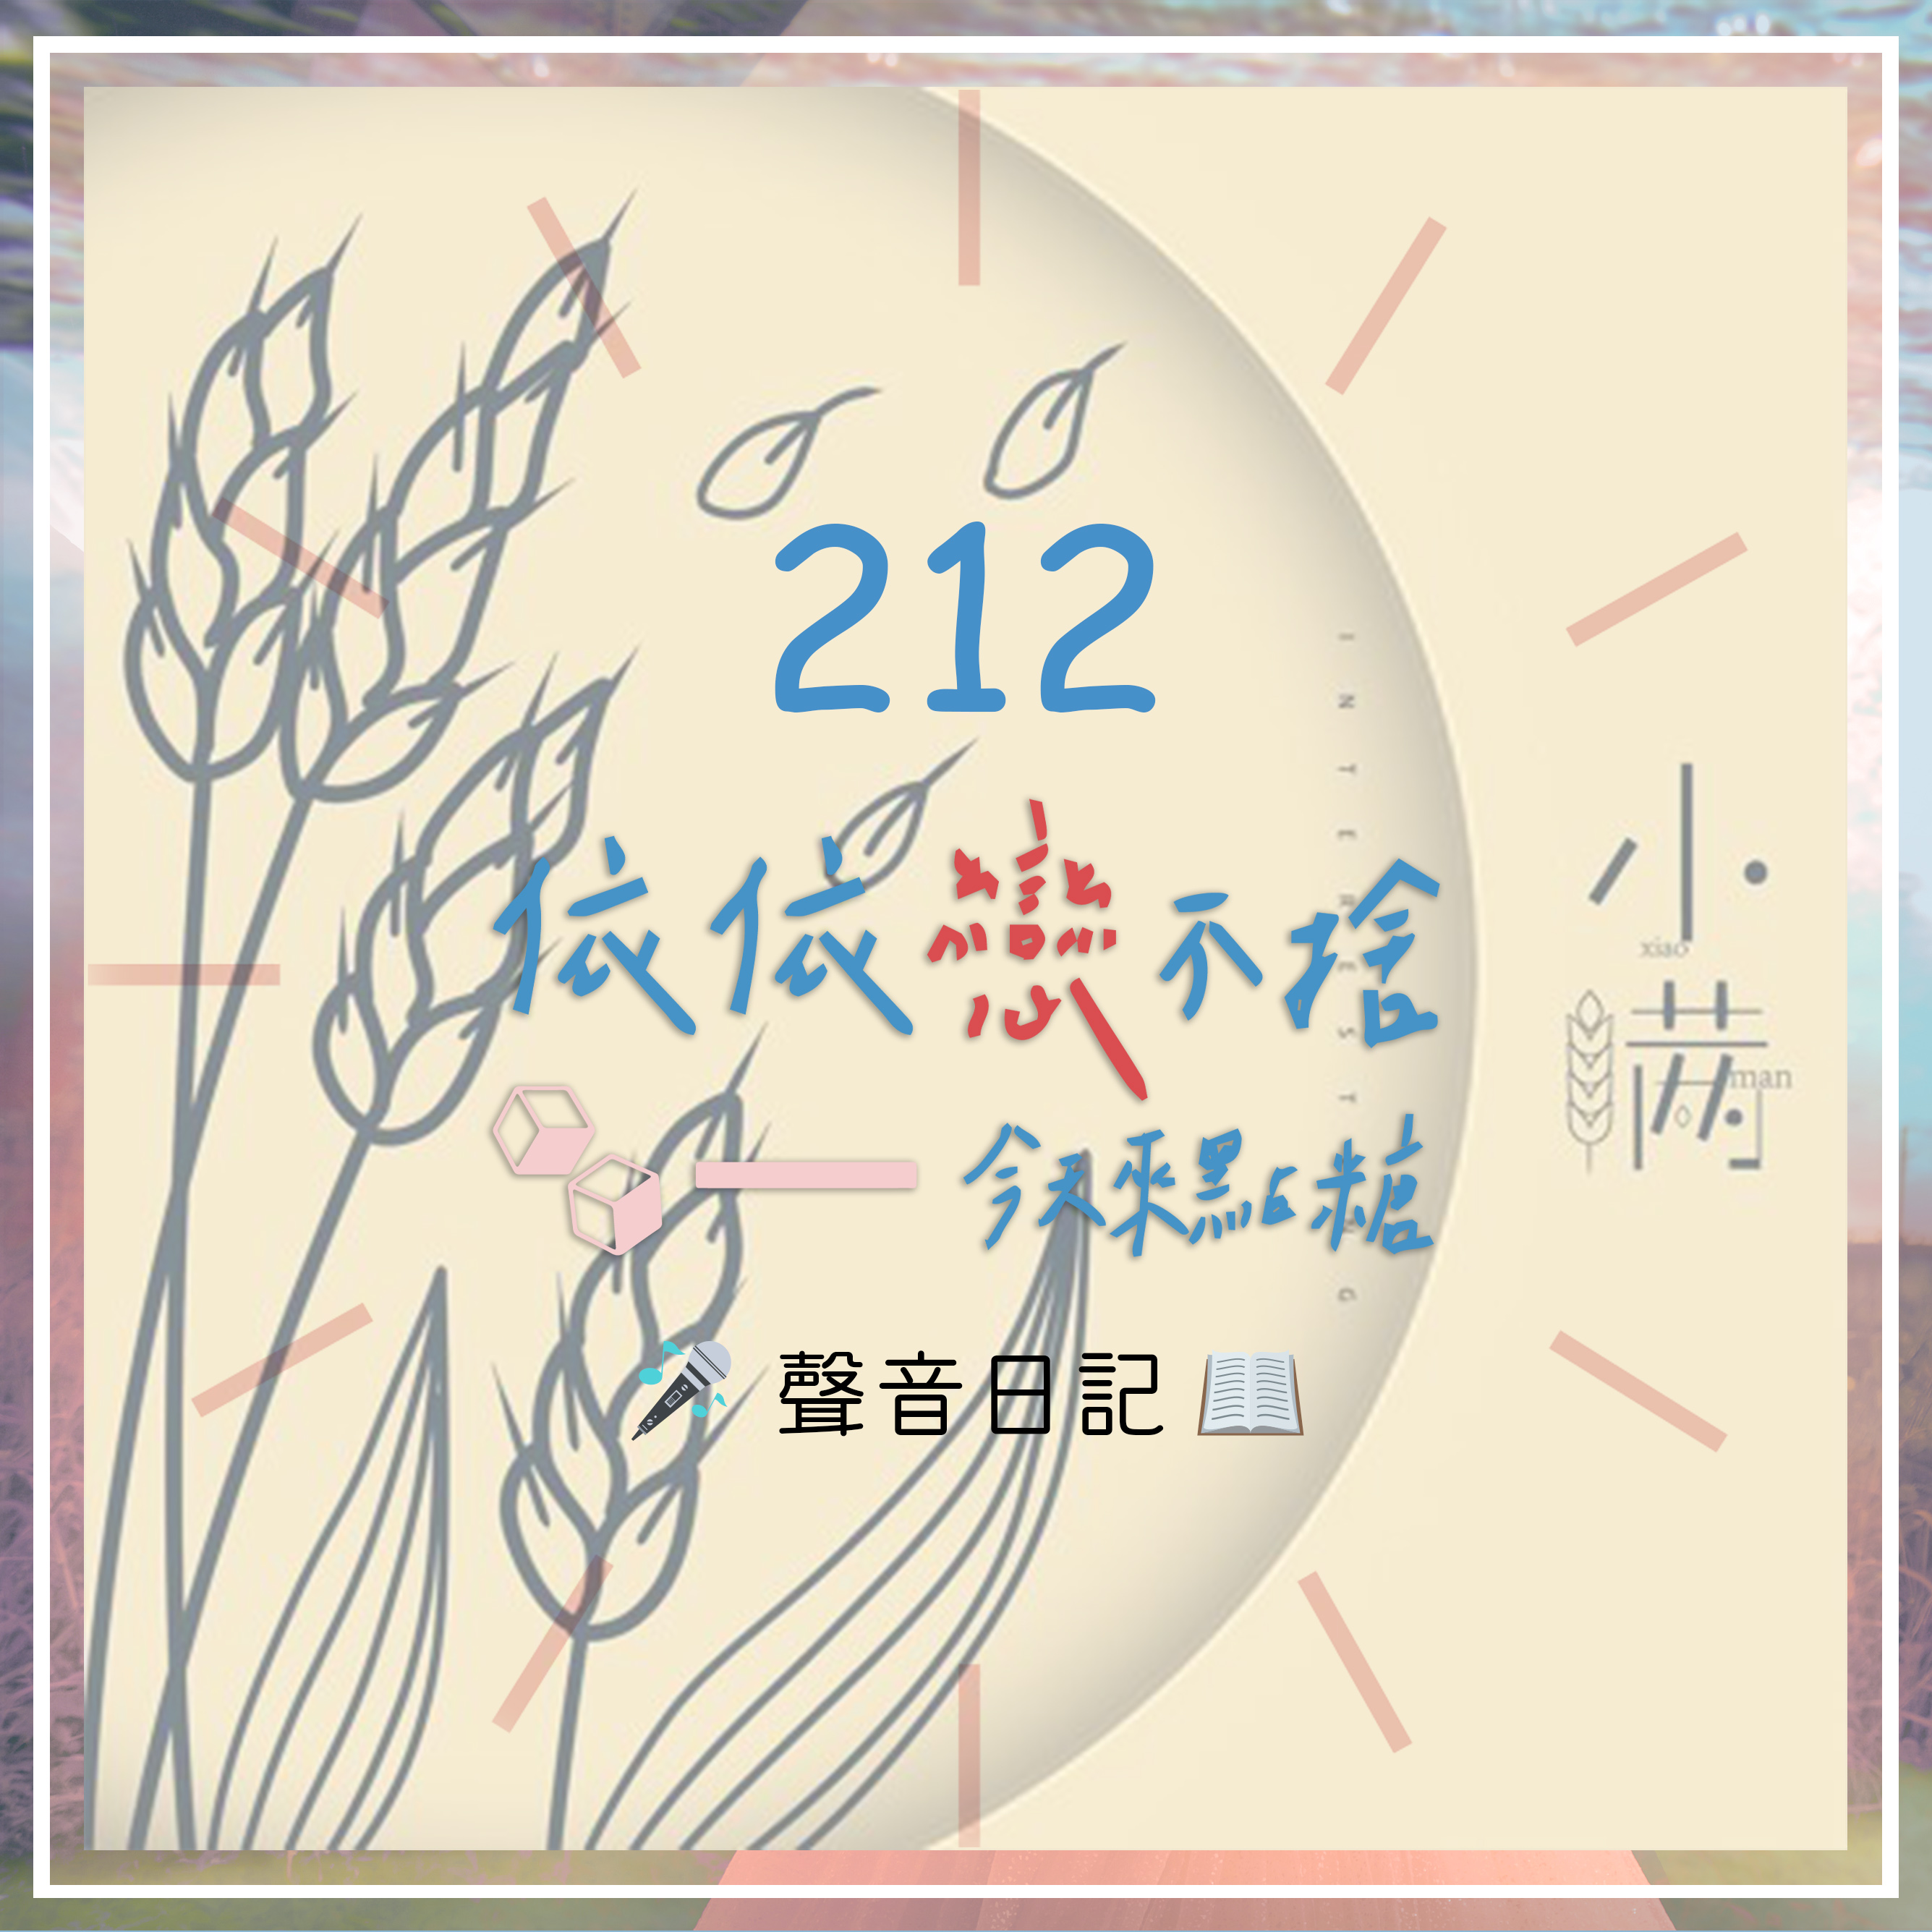 24節氣速解生活-小滿|聲音日記212